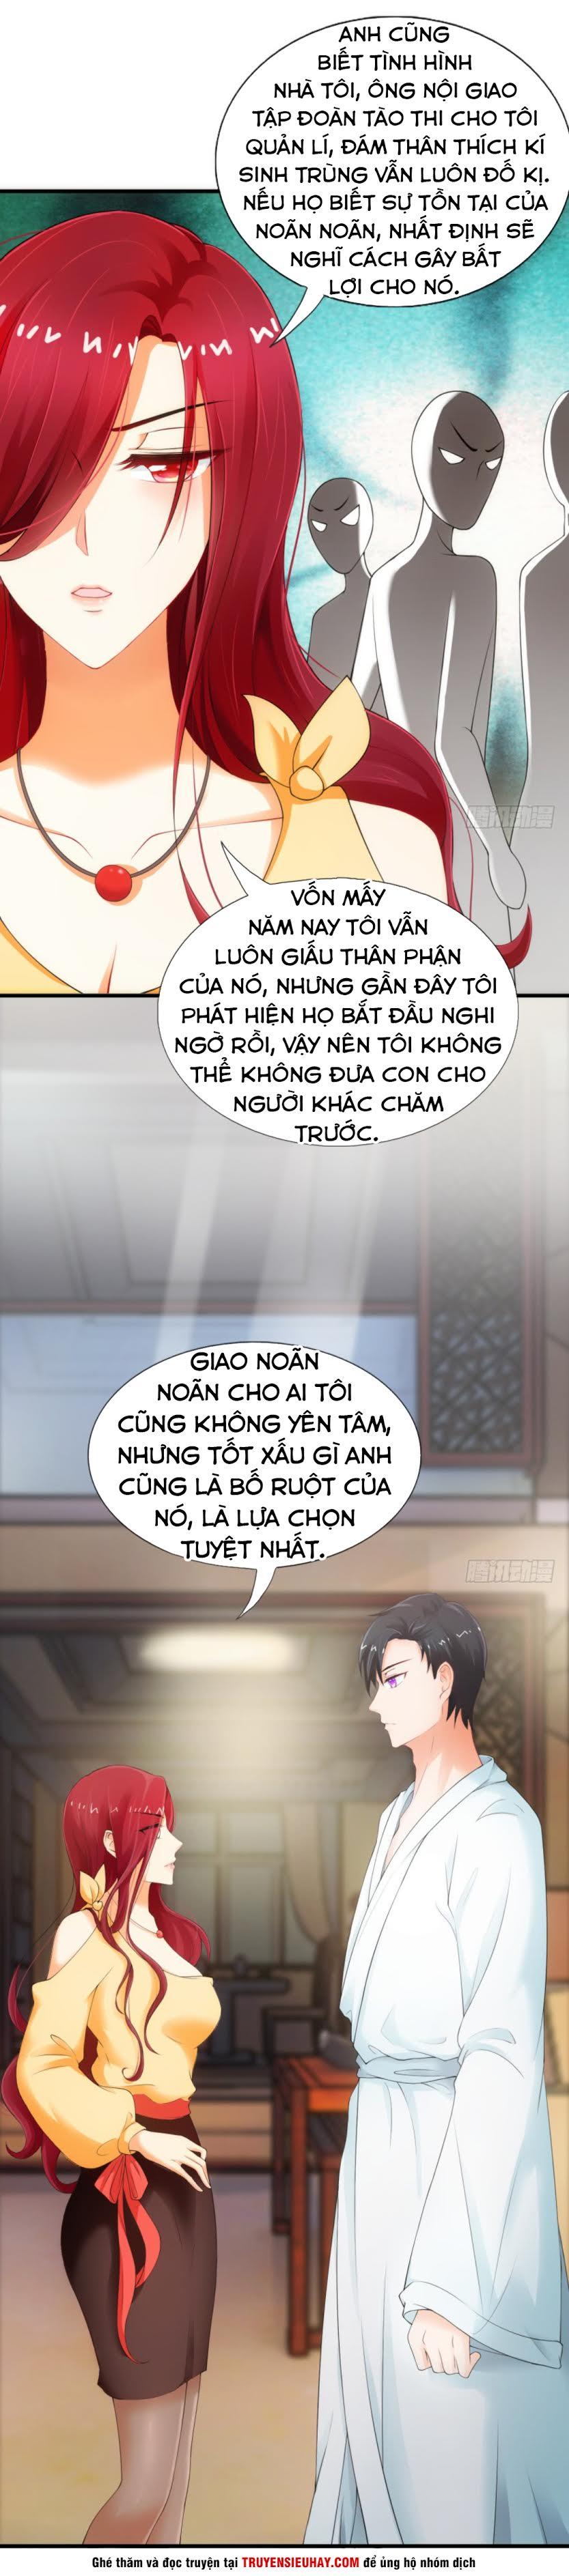 Vú Em Là Cổ Tiên Chapter 2 video - Hamtruyen.vn